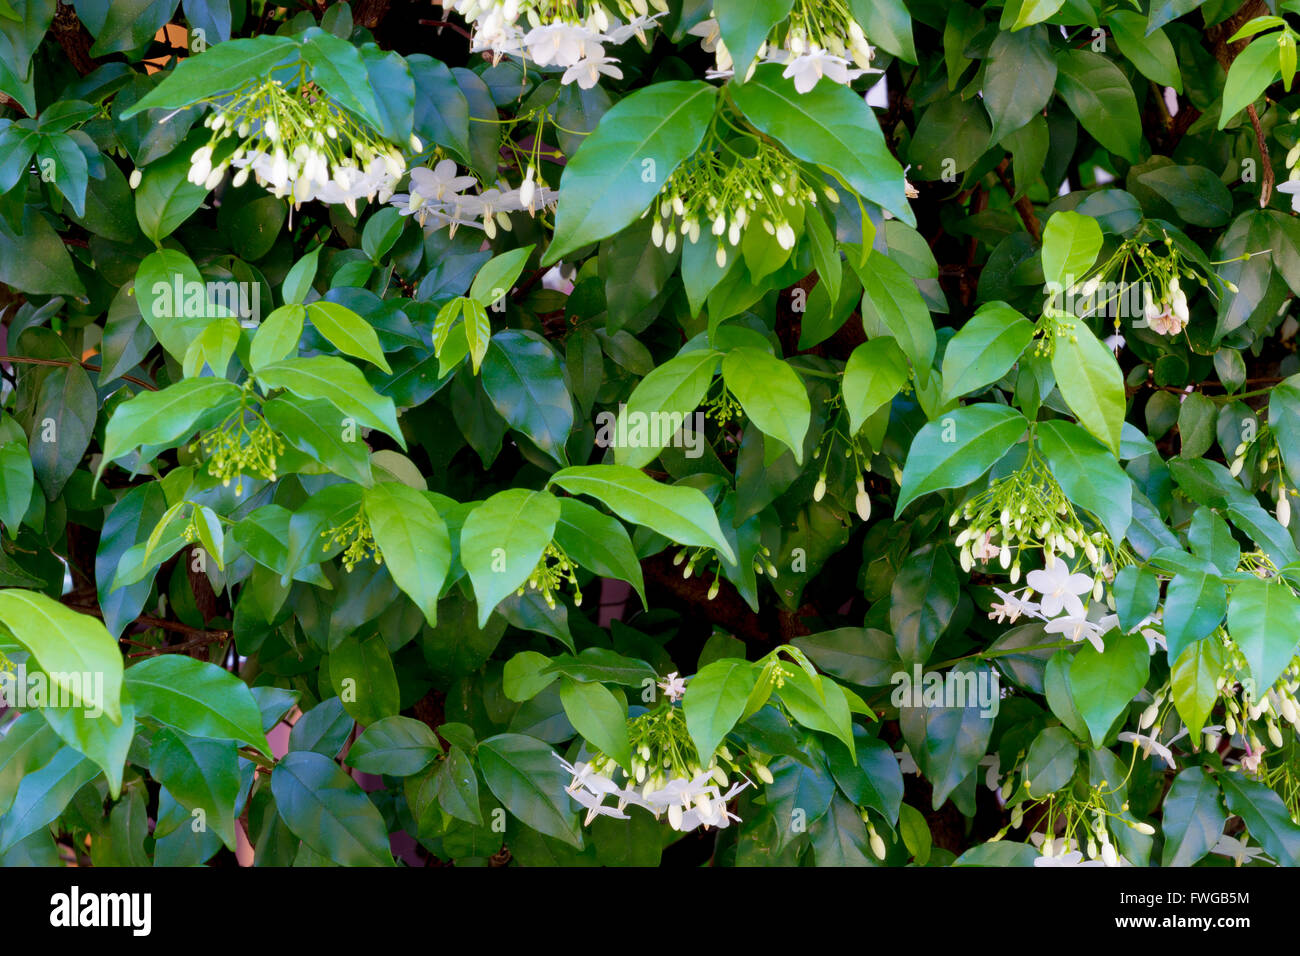 Wrightia Religiosa Stock Photos Wrightia Religiosa Stock Images